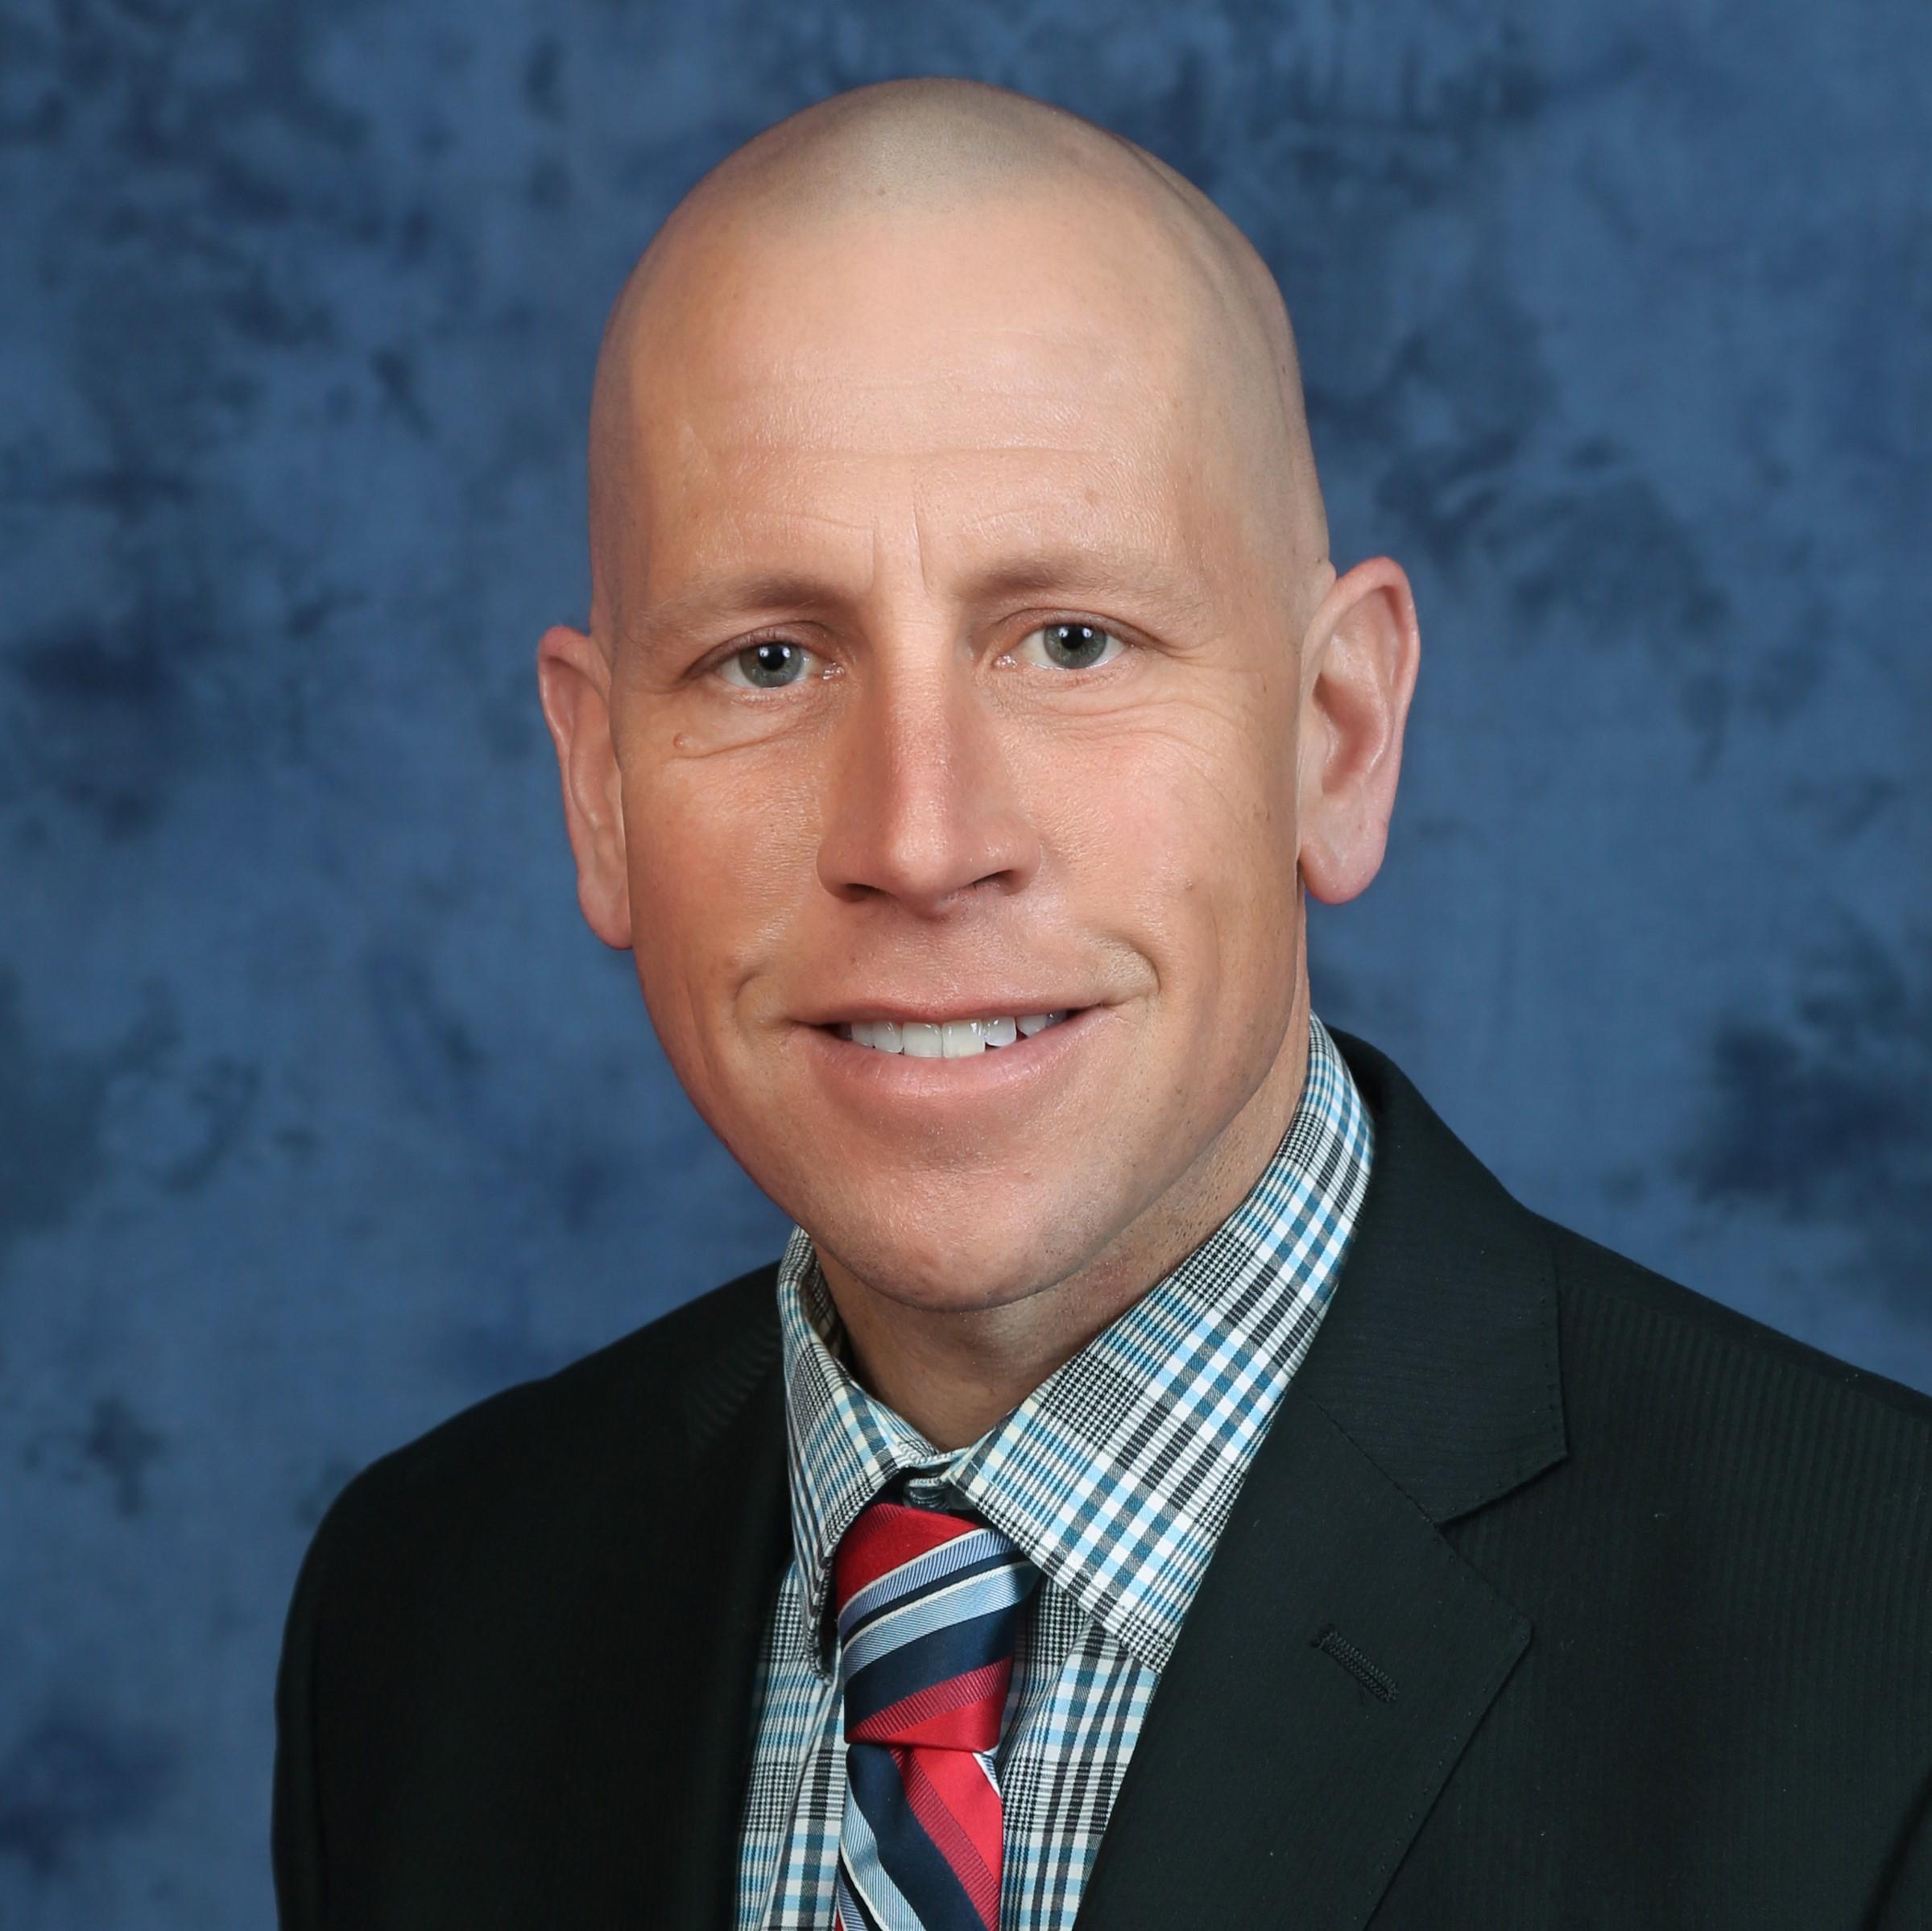 Dan Gotzler - Strategic Risk Advisor for Employee Benefits